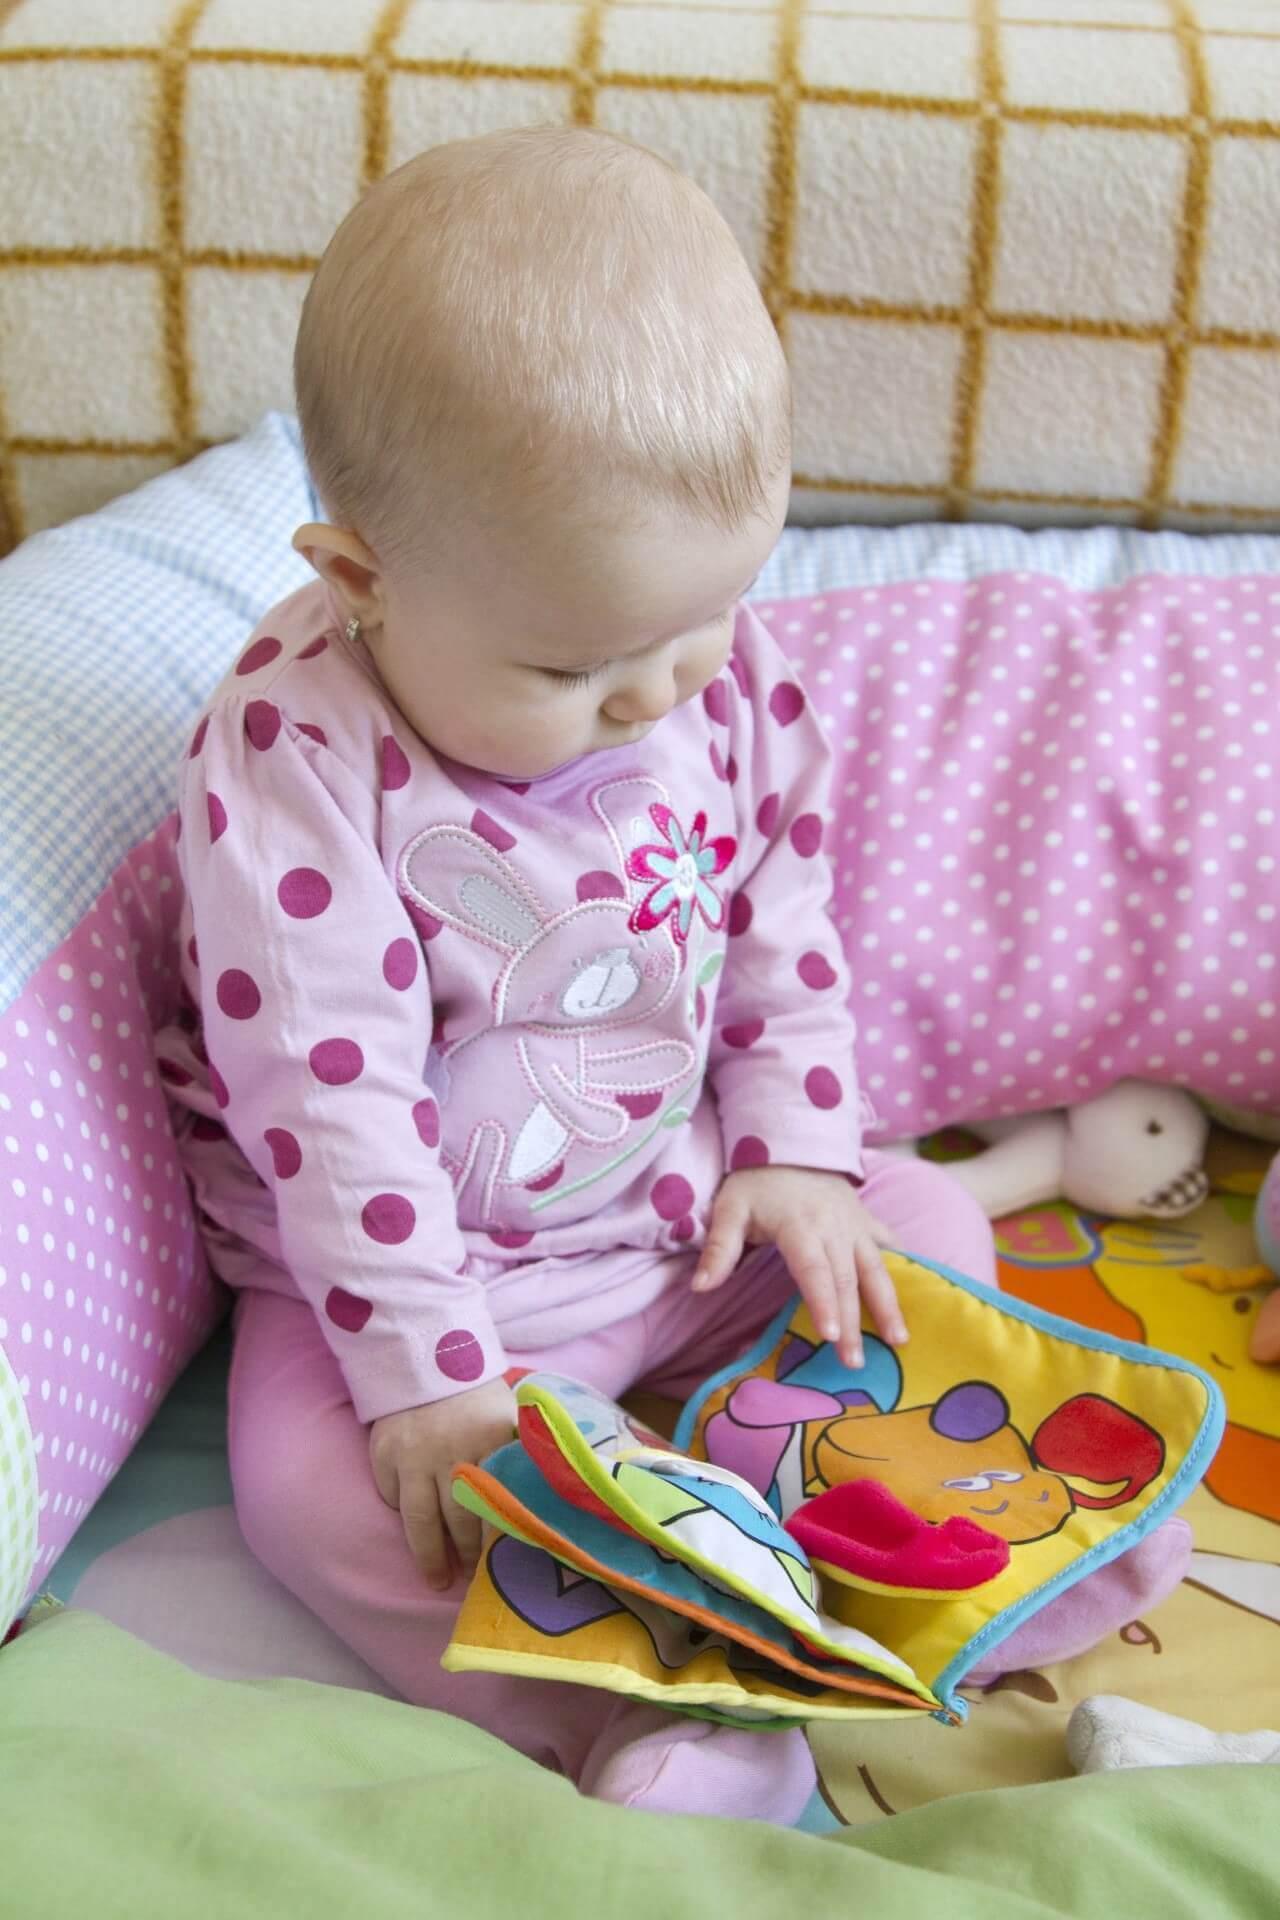 Baby schaut Buch an (c) PublicDomainPictures / pixabay.de